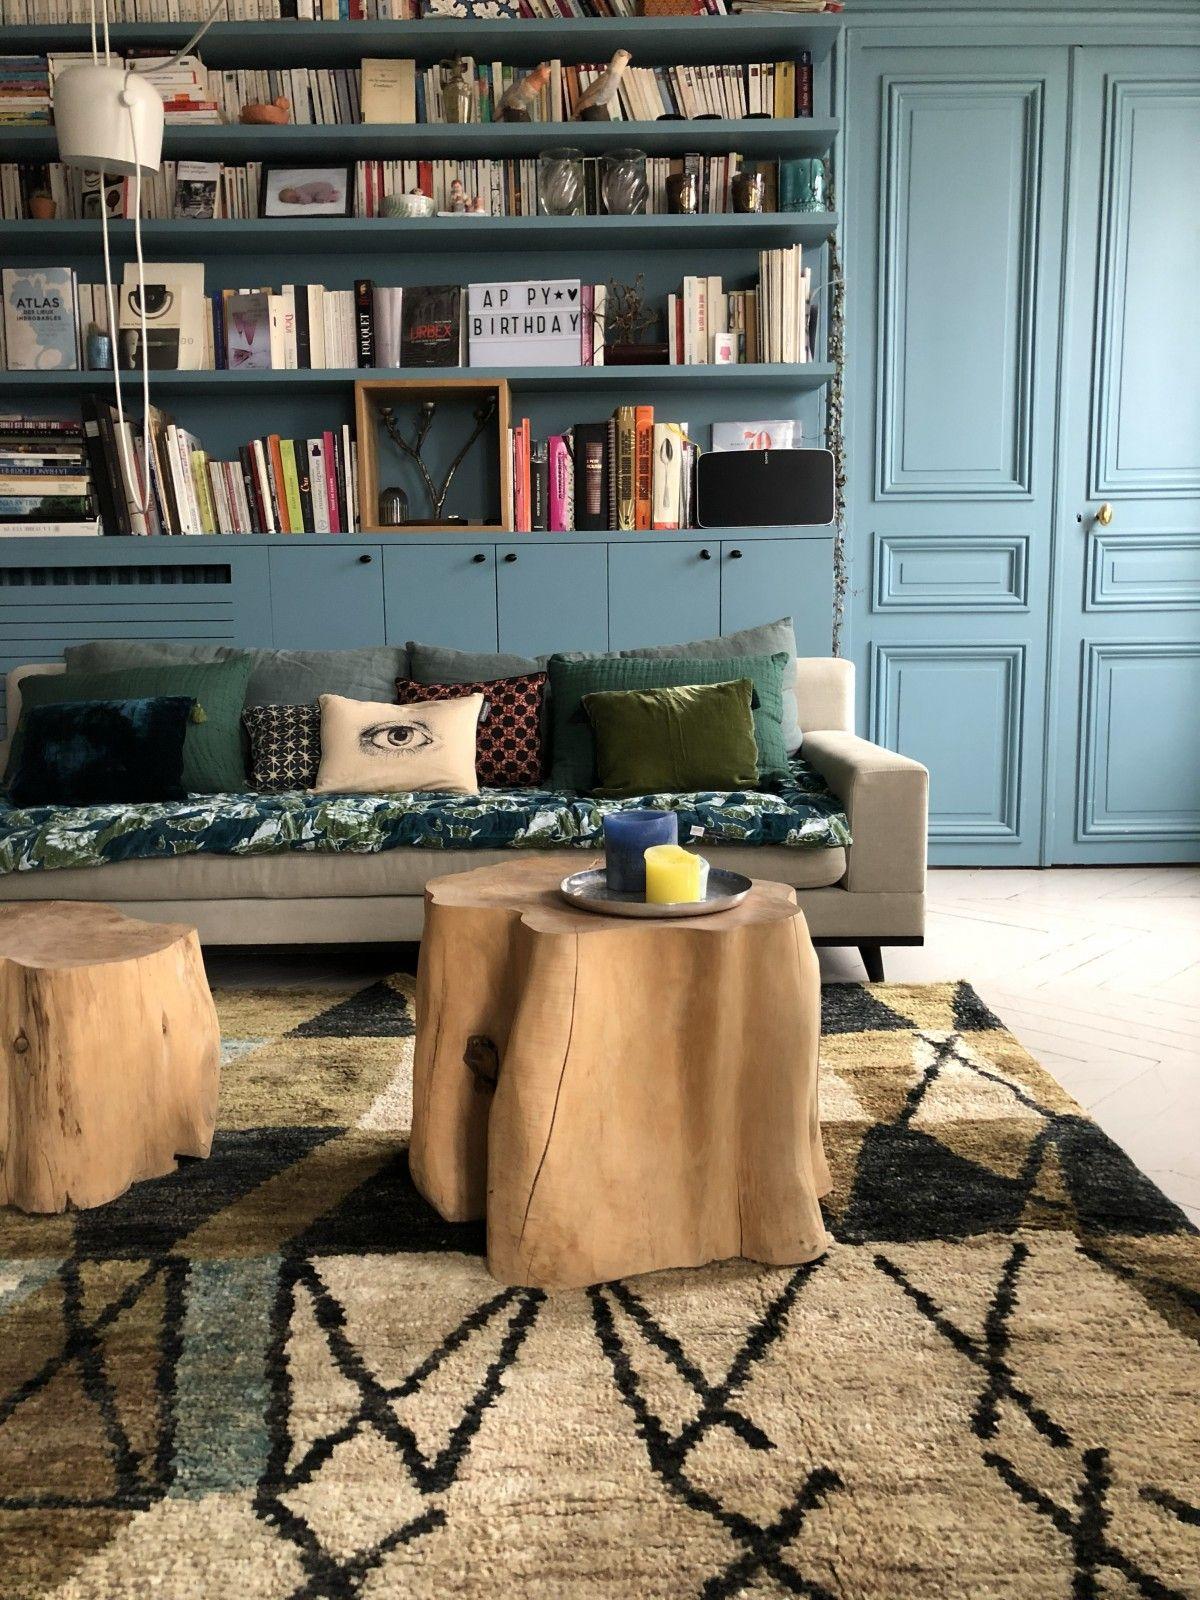 Ambiance Canape Edredon Foret Artichoke Idee De Decoration Monde Sauvage Rideaux Pret A Poser